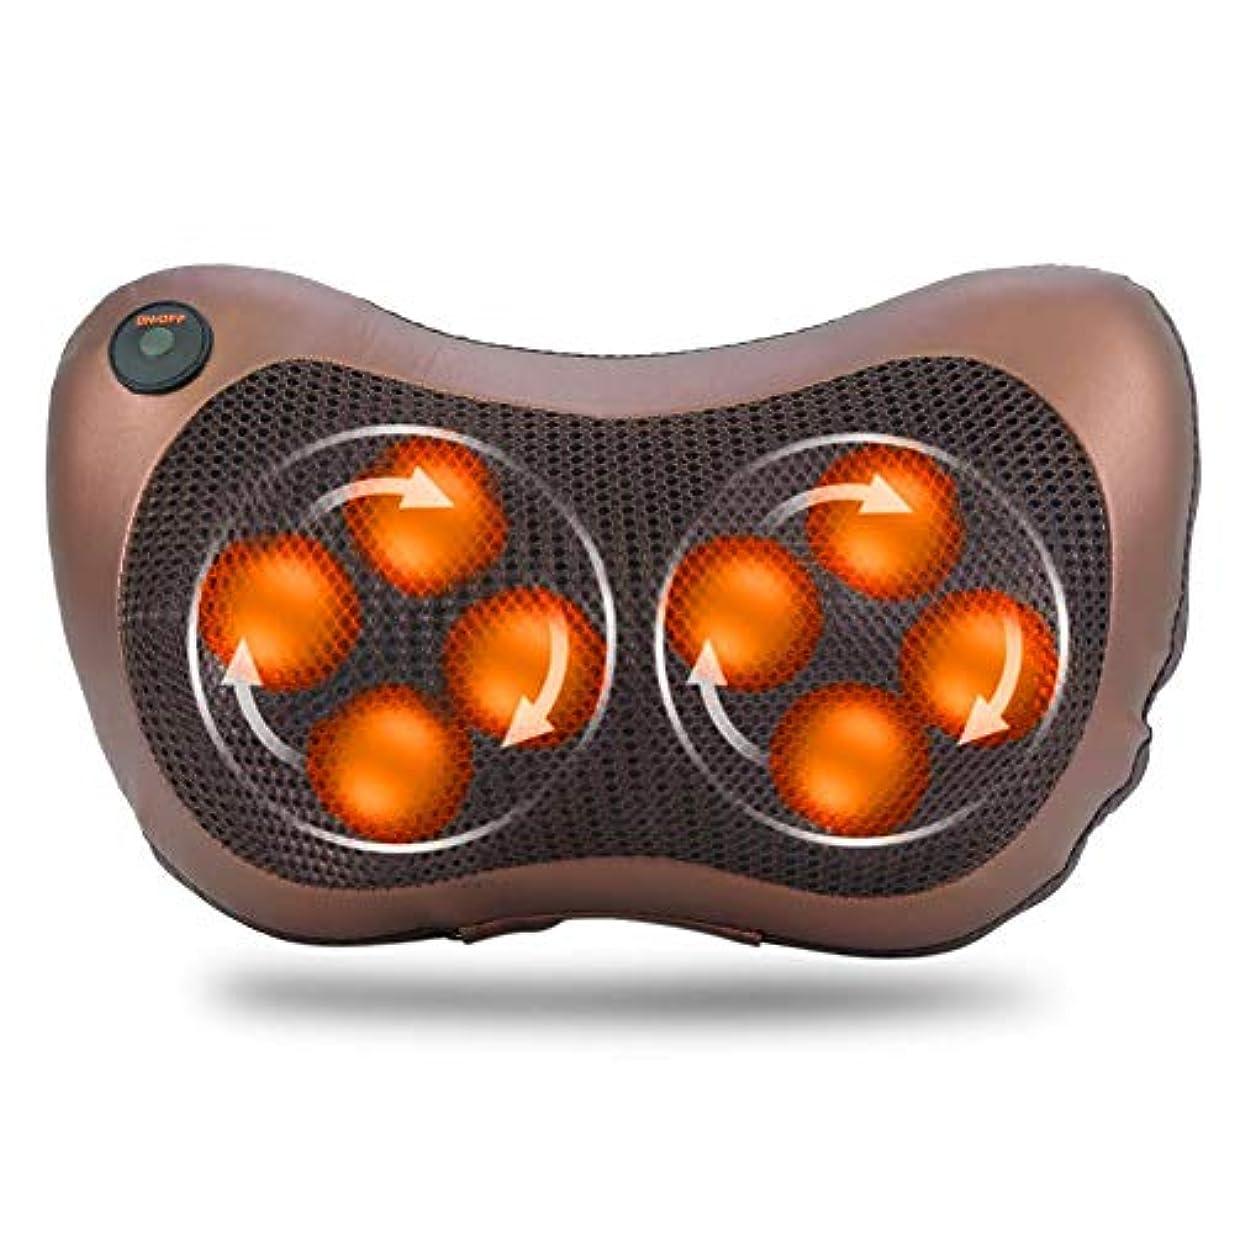 ムスタチオ拳可動式8つの頭部の回転マッサージ枕、ホームオフィスおよび車の使用のためのタイミング熱機能の電気指の深い混練の首の肩ボディマッサージャー